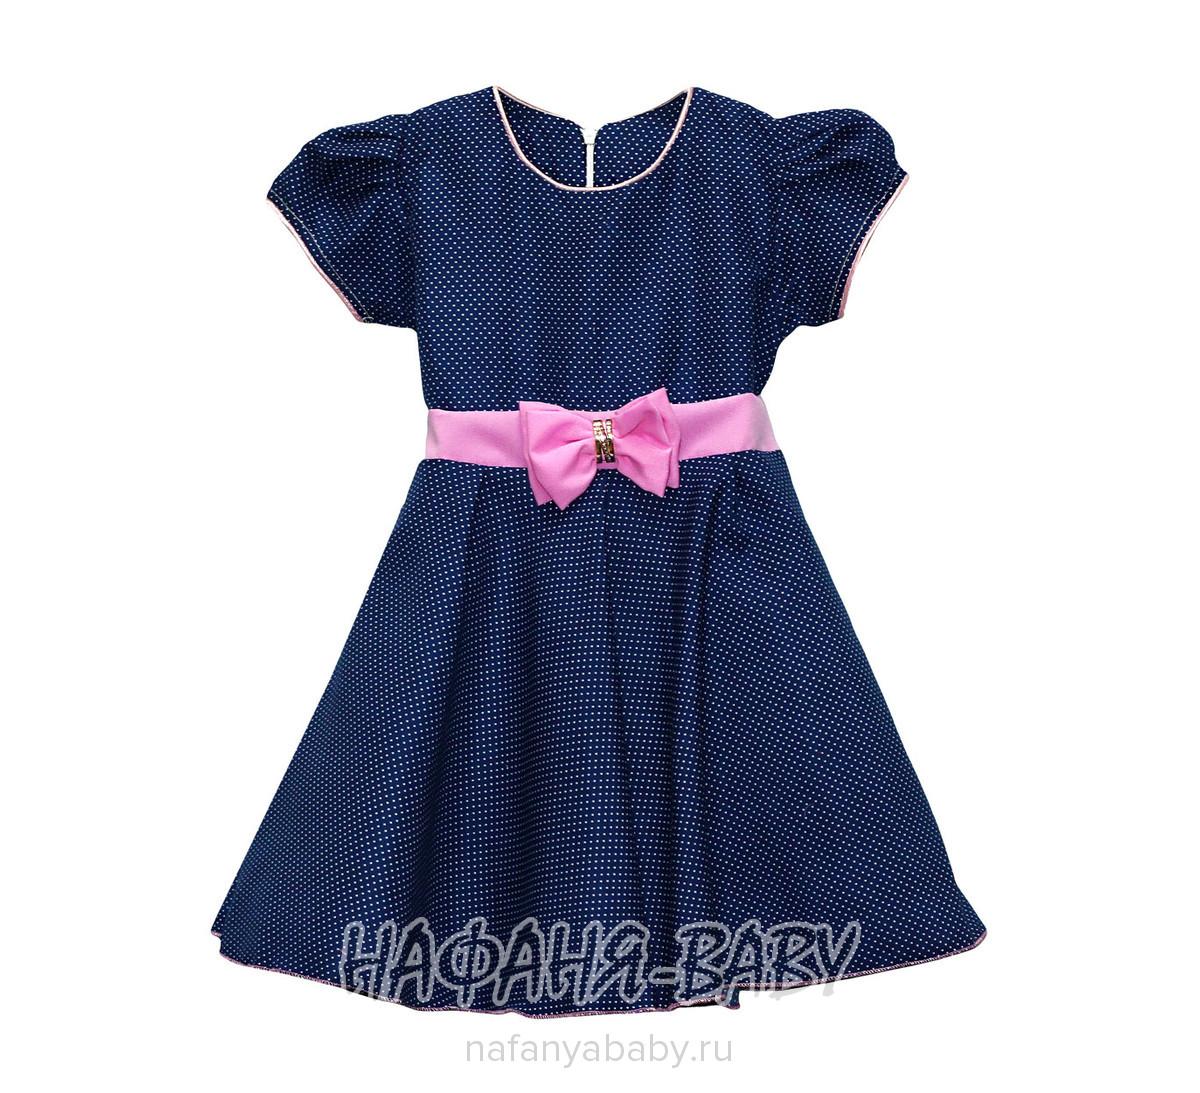 Детское платье KGMART арт: 2146, 1-4 года, 5-9 лет, цвет красный с белым, оптом